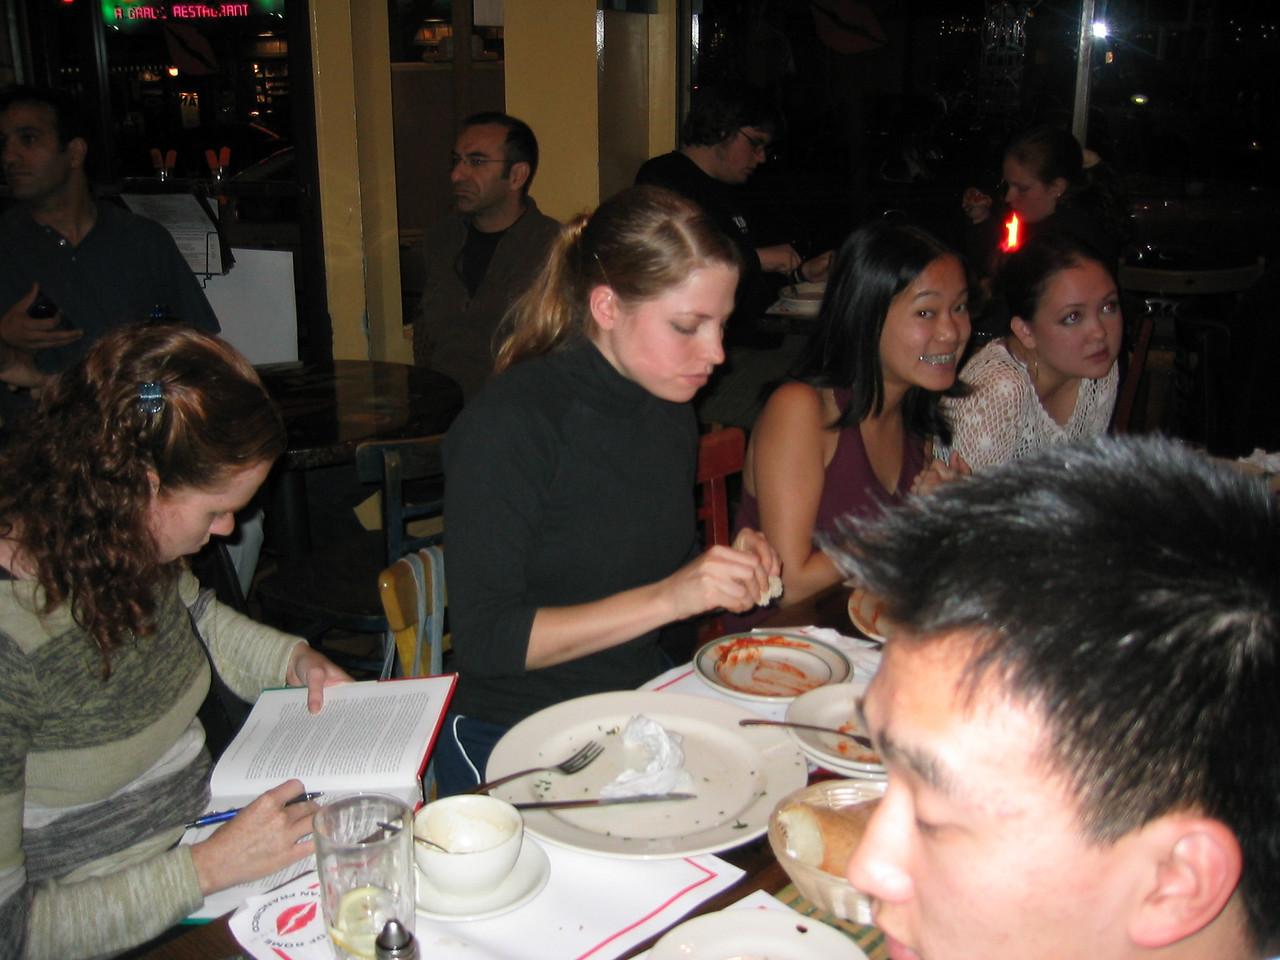 2003 - Sarah Lash, Stephanie Johnson, Stephanie Wong, & Cathy Clerkin